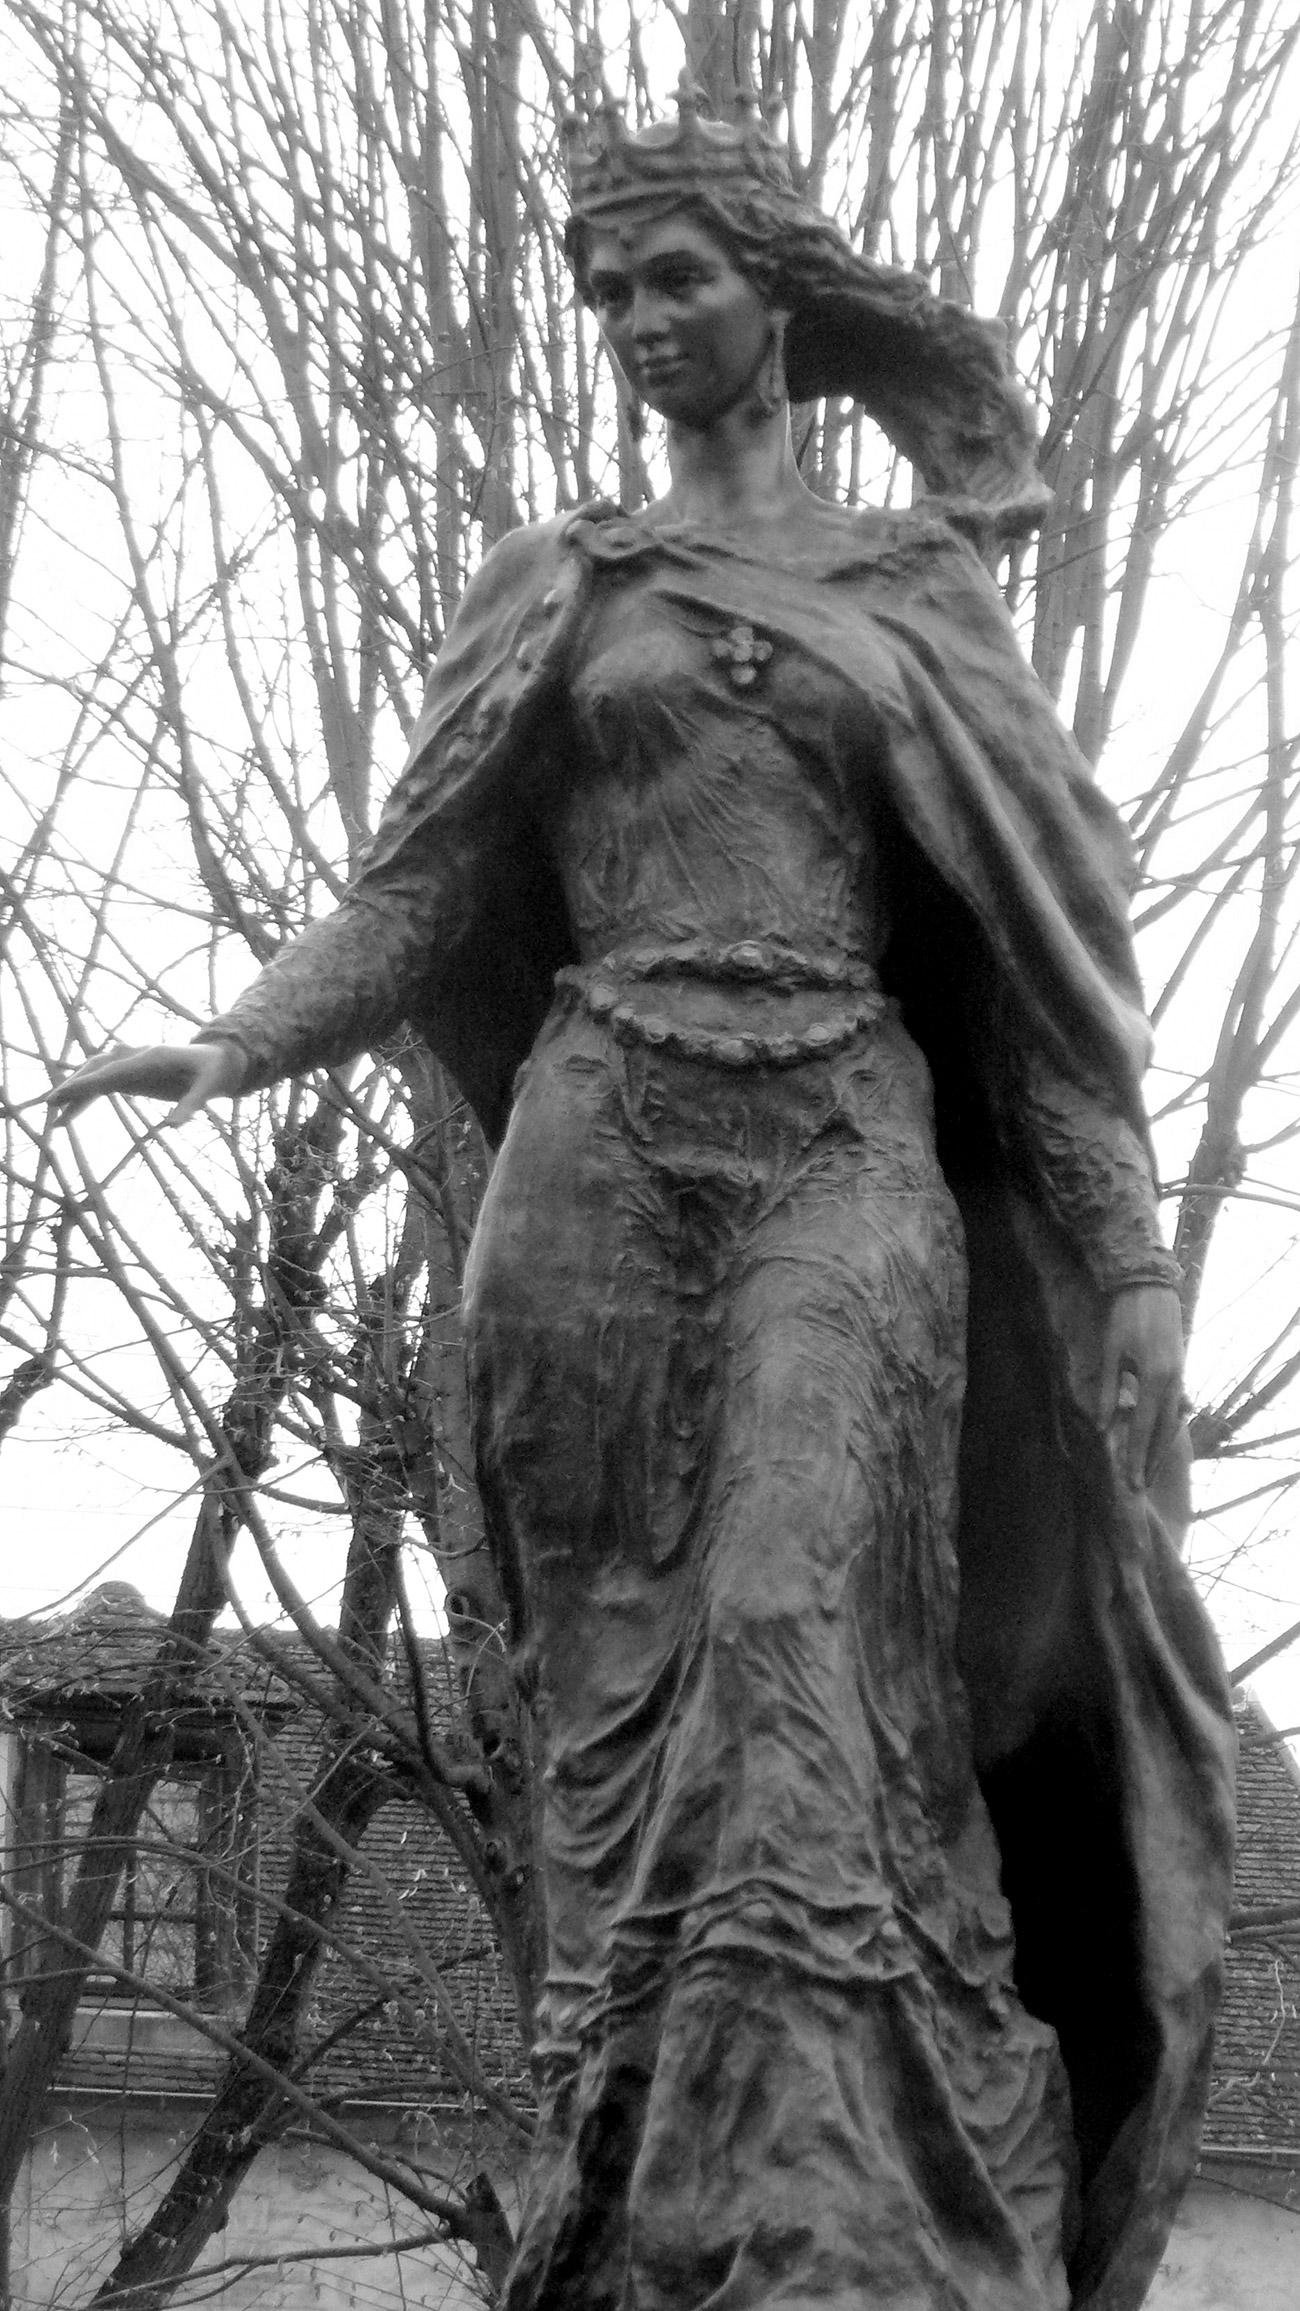 Spomenik Ani Ruski v mestu Senlis (Oise, Francija)